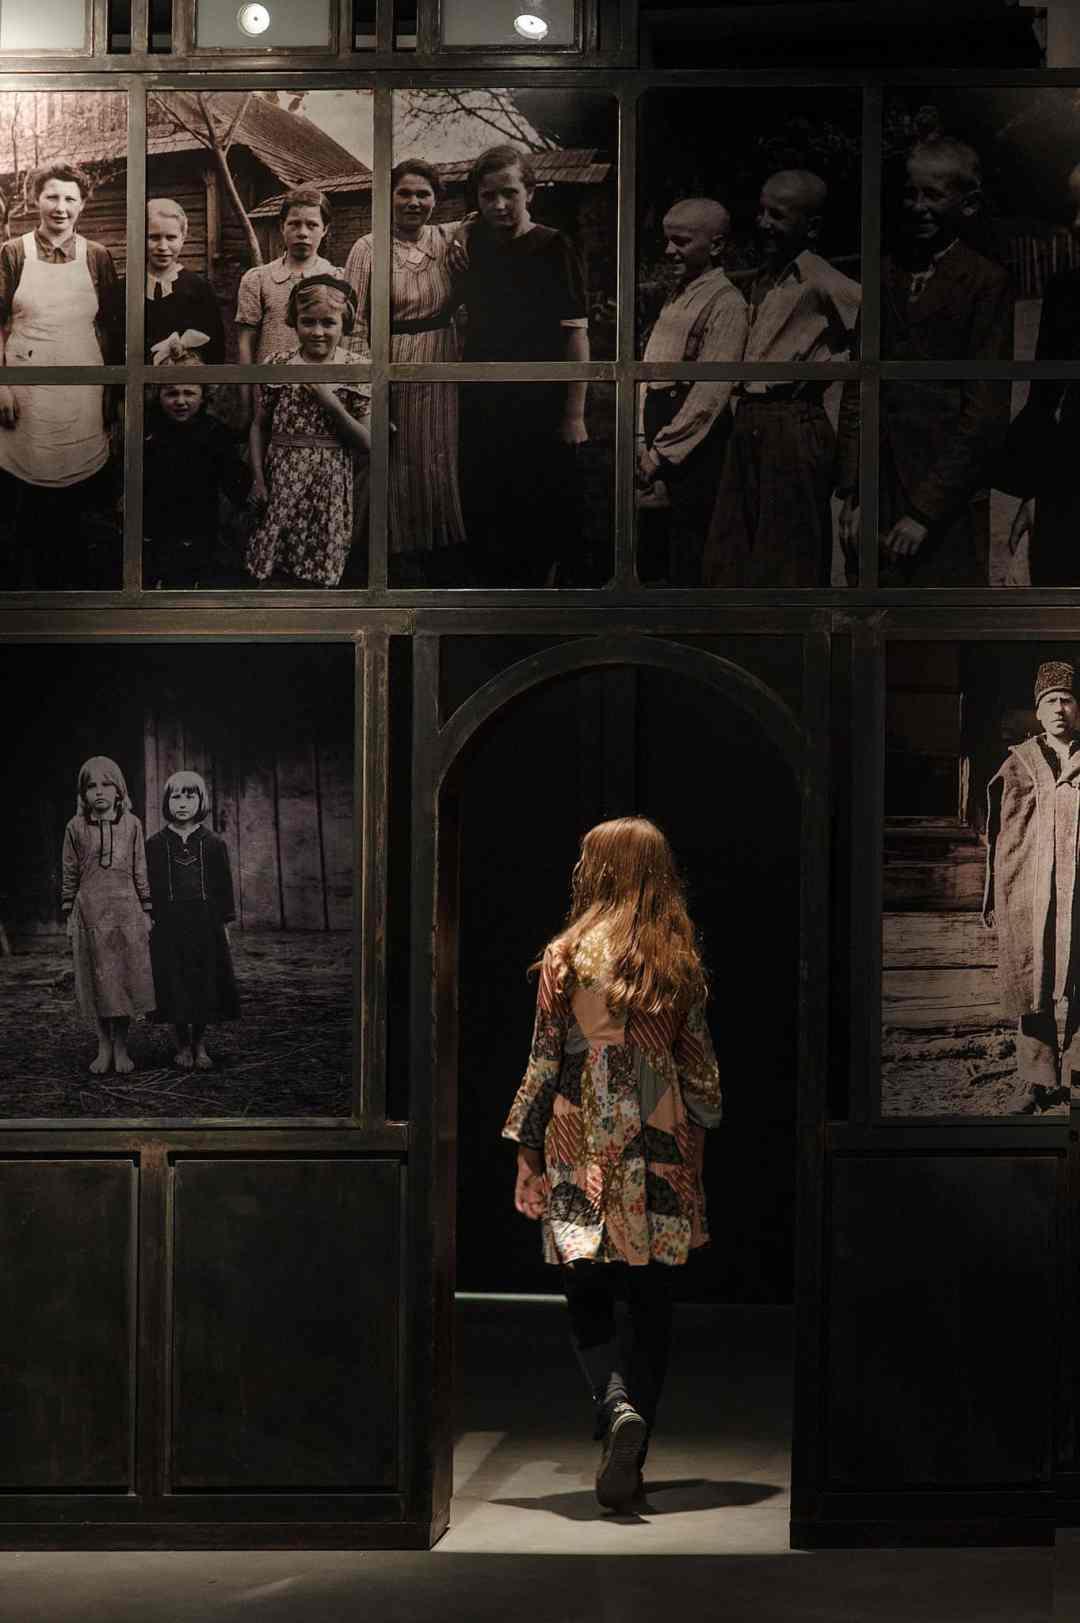 Dorota Nieznalska, 'Violence and Memory' - exhibition, the Gdynia City Museum, photo: Bogna Kociumbas